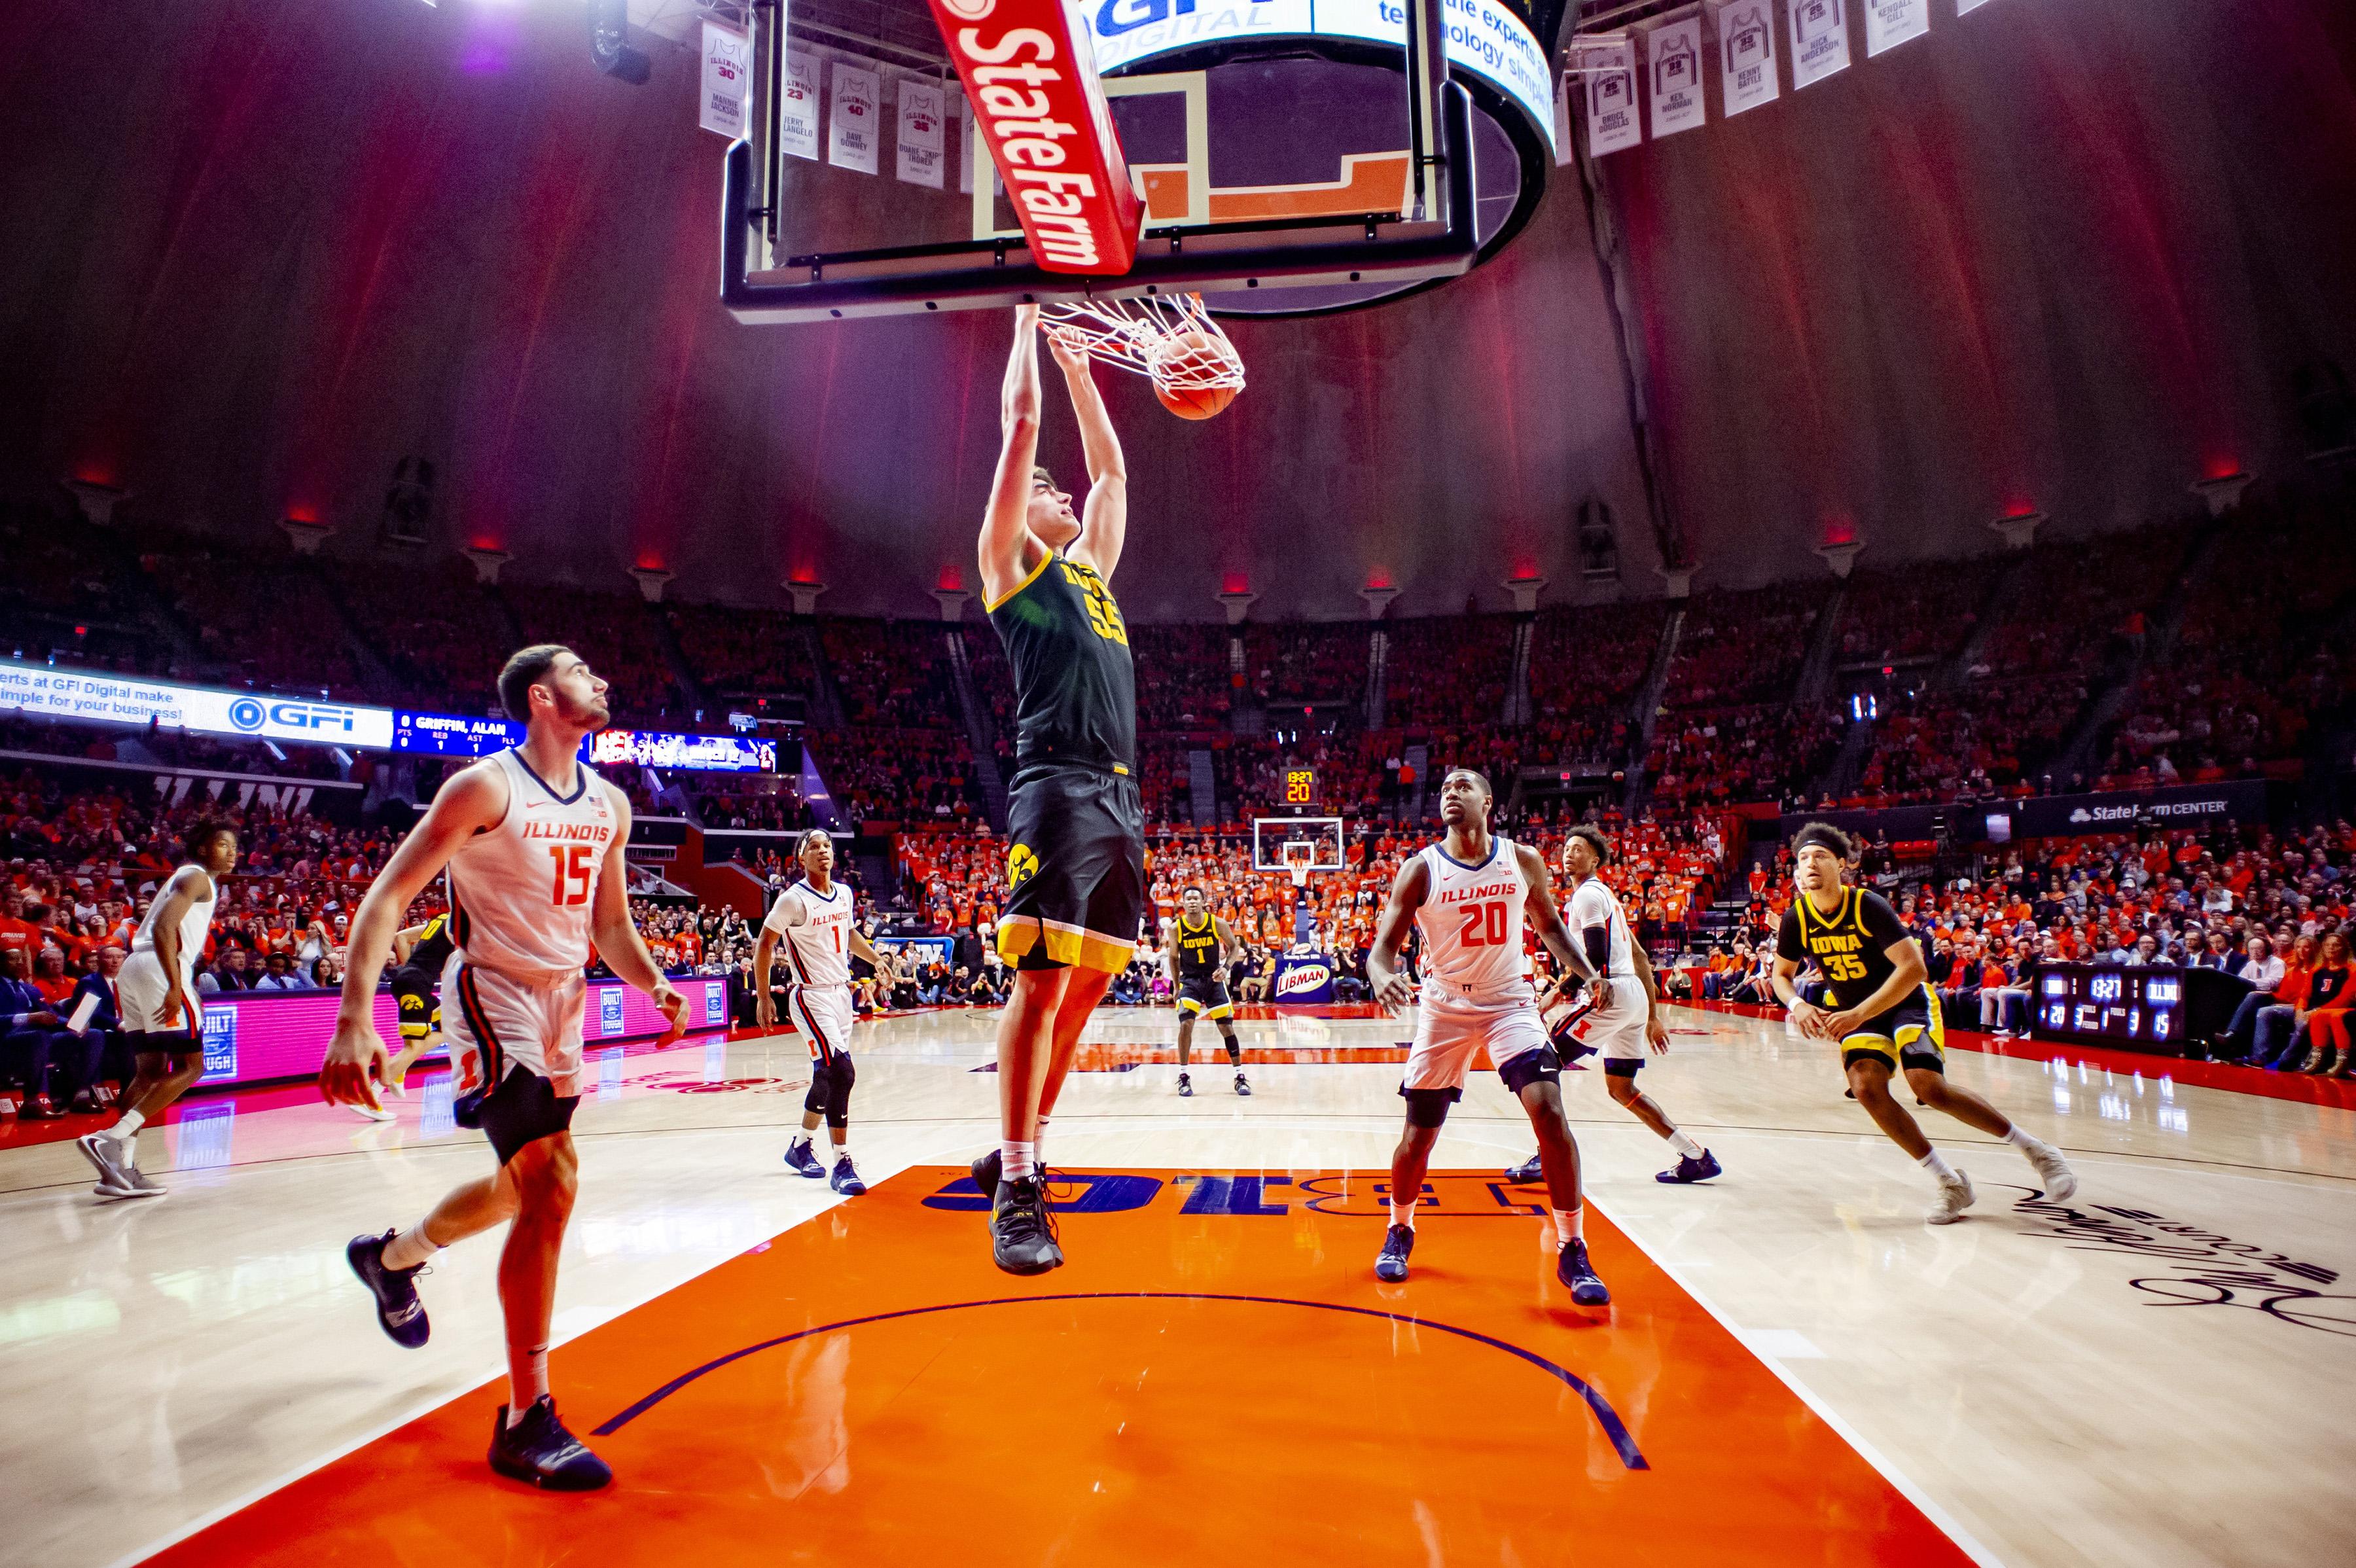 NCAA Basketball: Iowa at Illinois